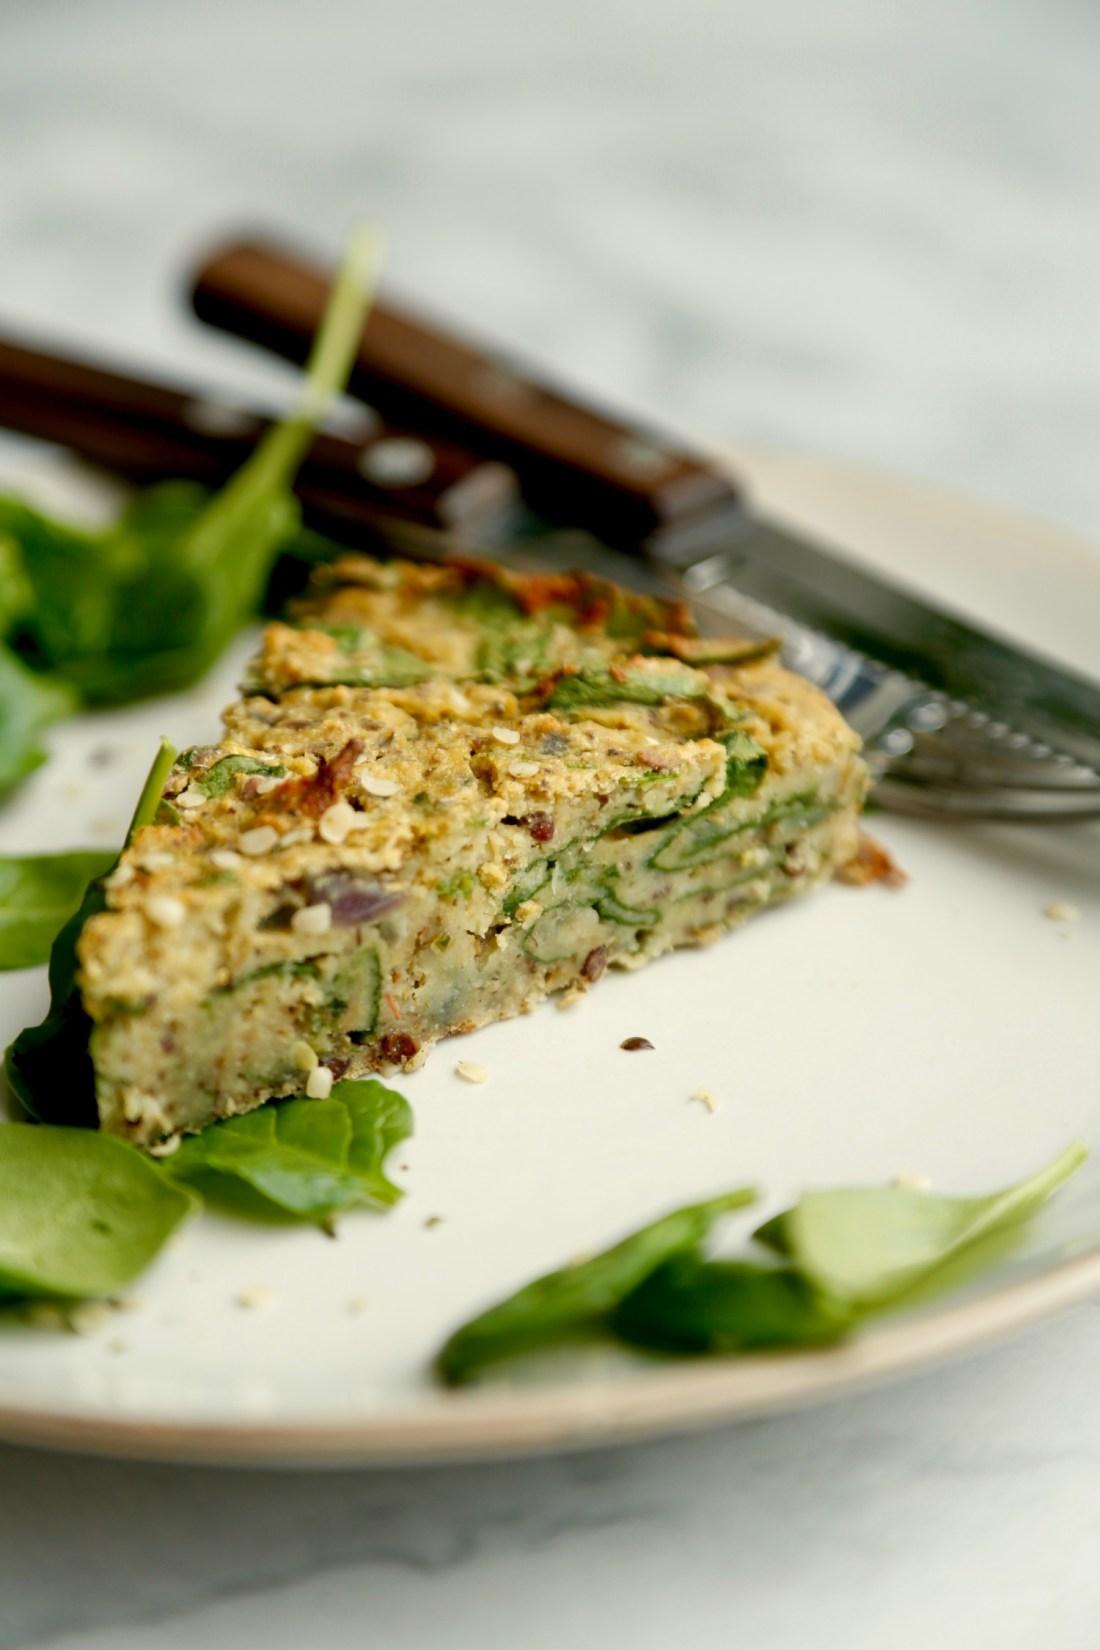 vegansk-taerte-med-blomkaal-og-spinat-glutenfri-4